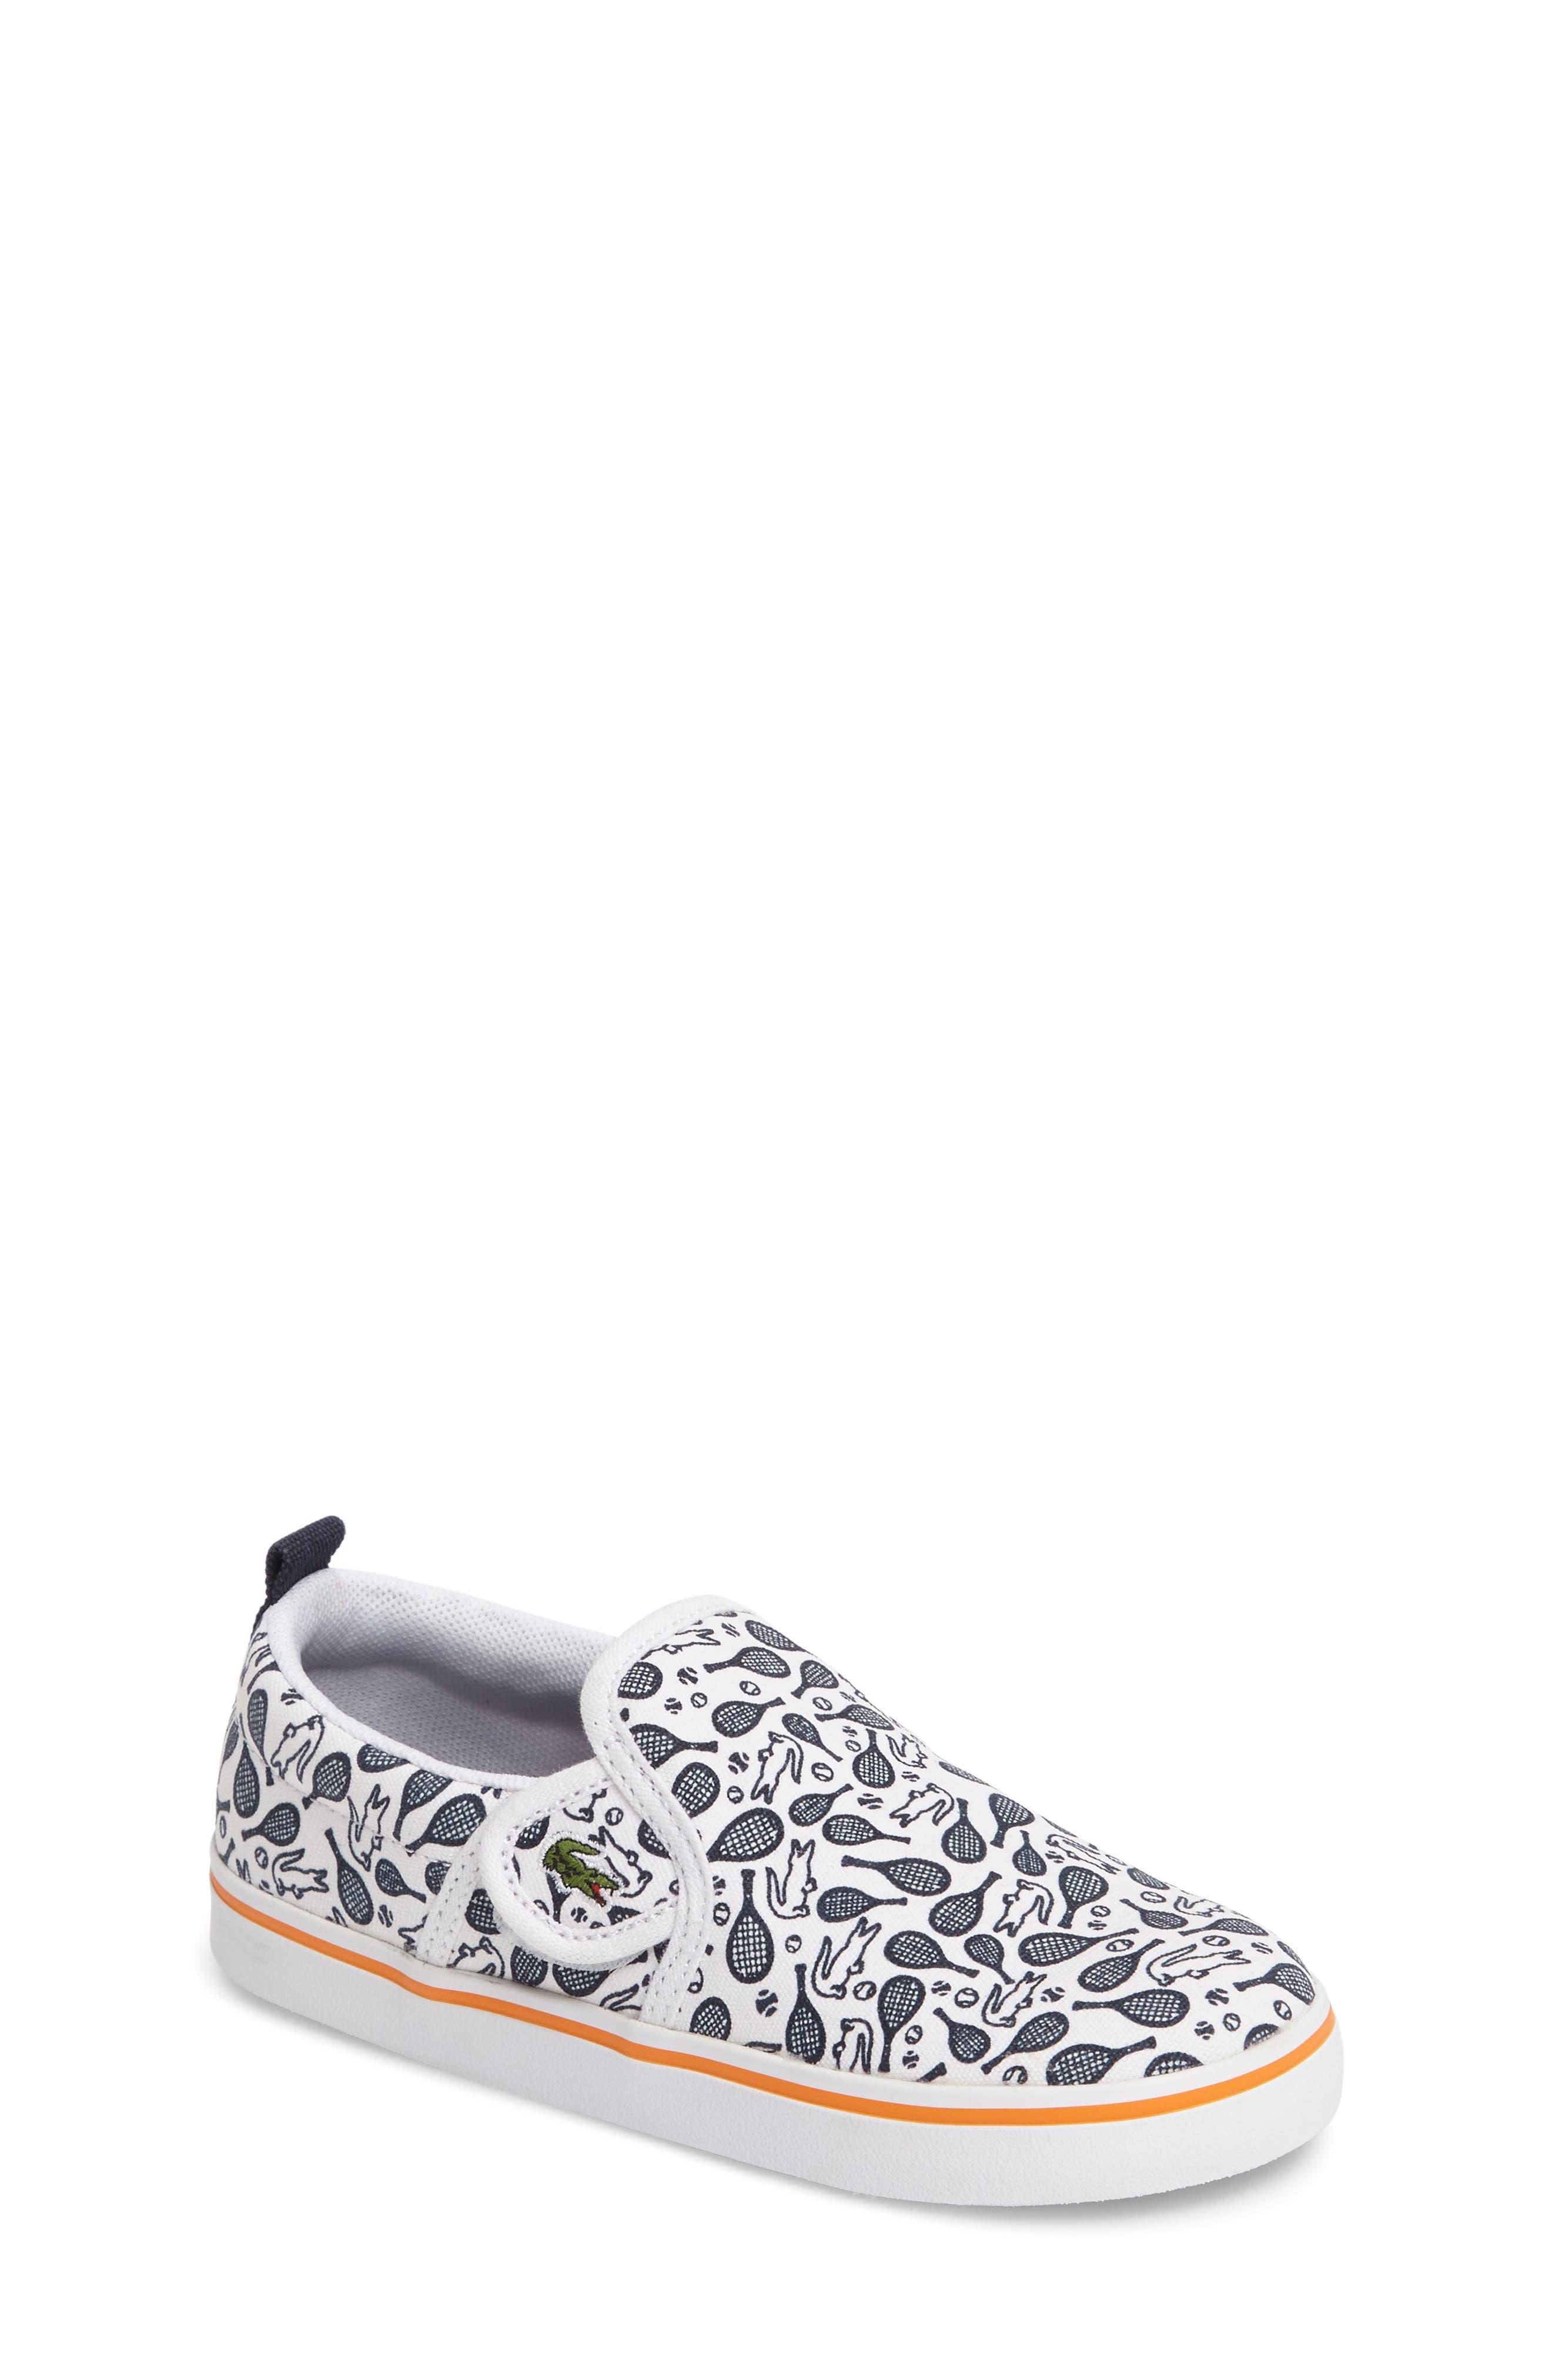 Gazon Slip-On Sneaker,                         Main,                         color, Navy/ White